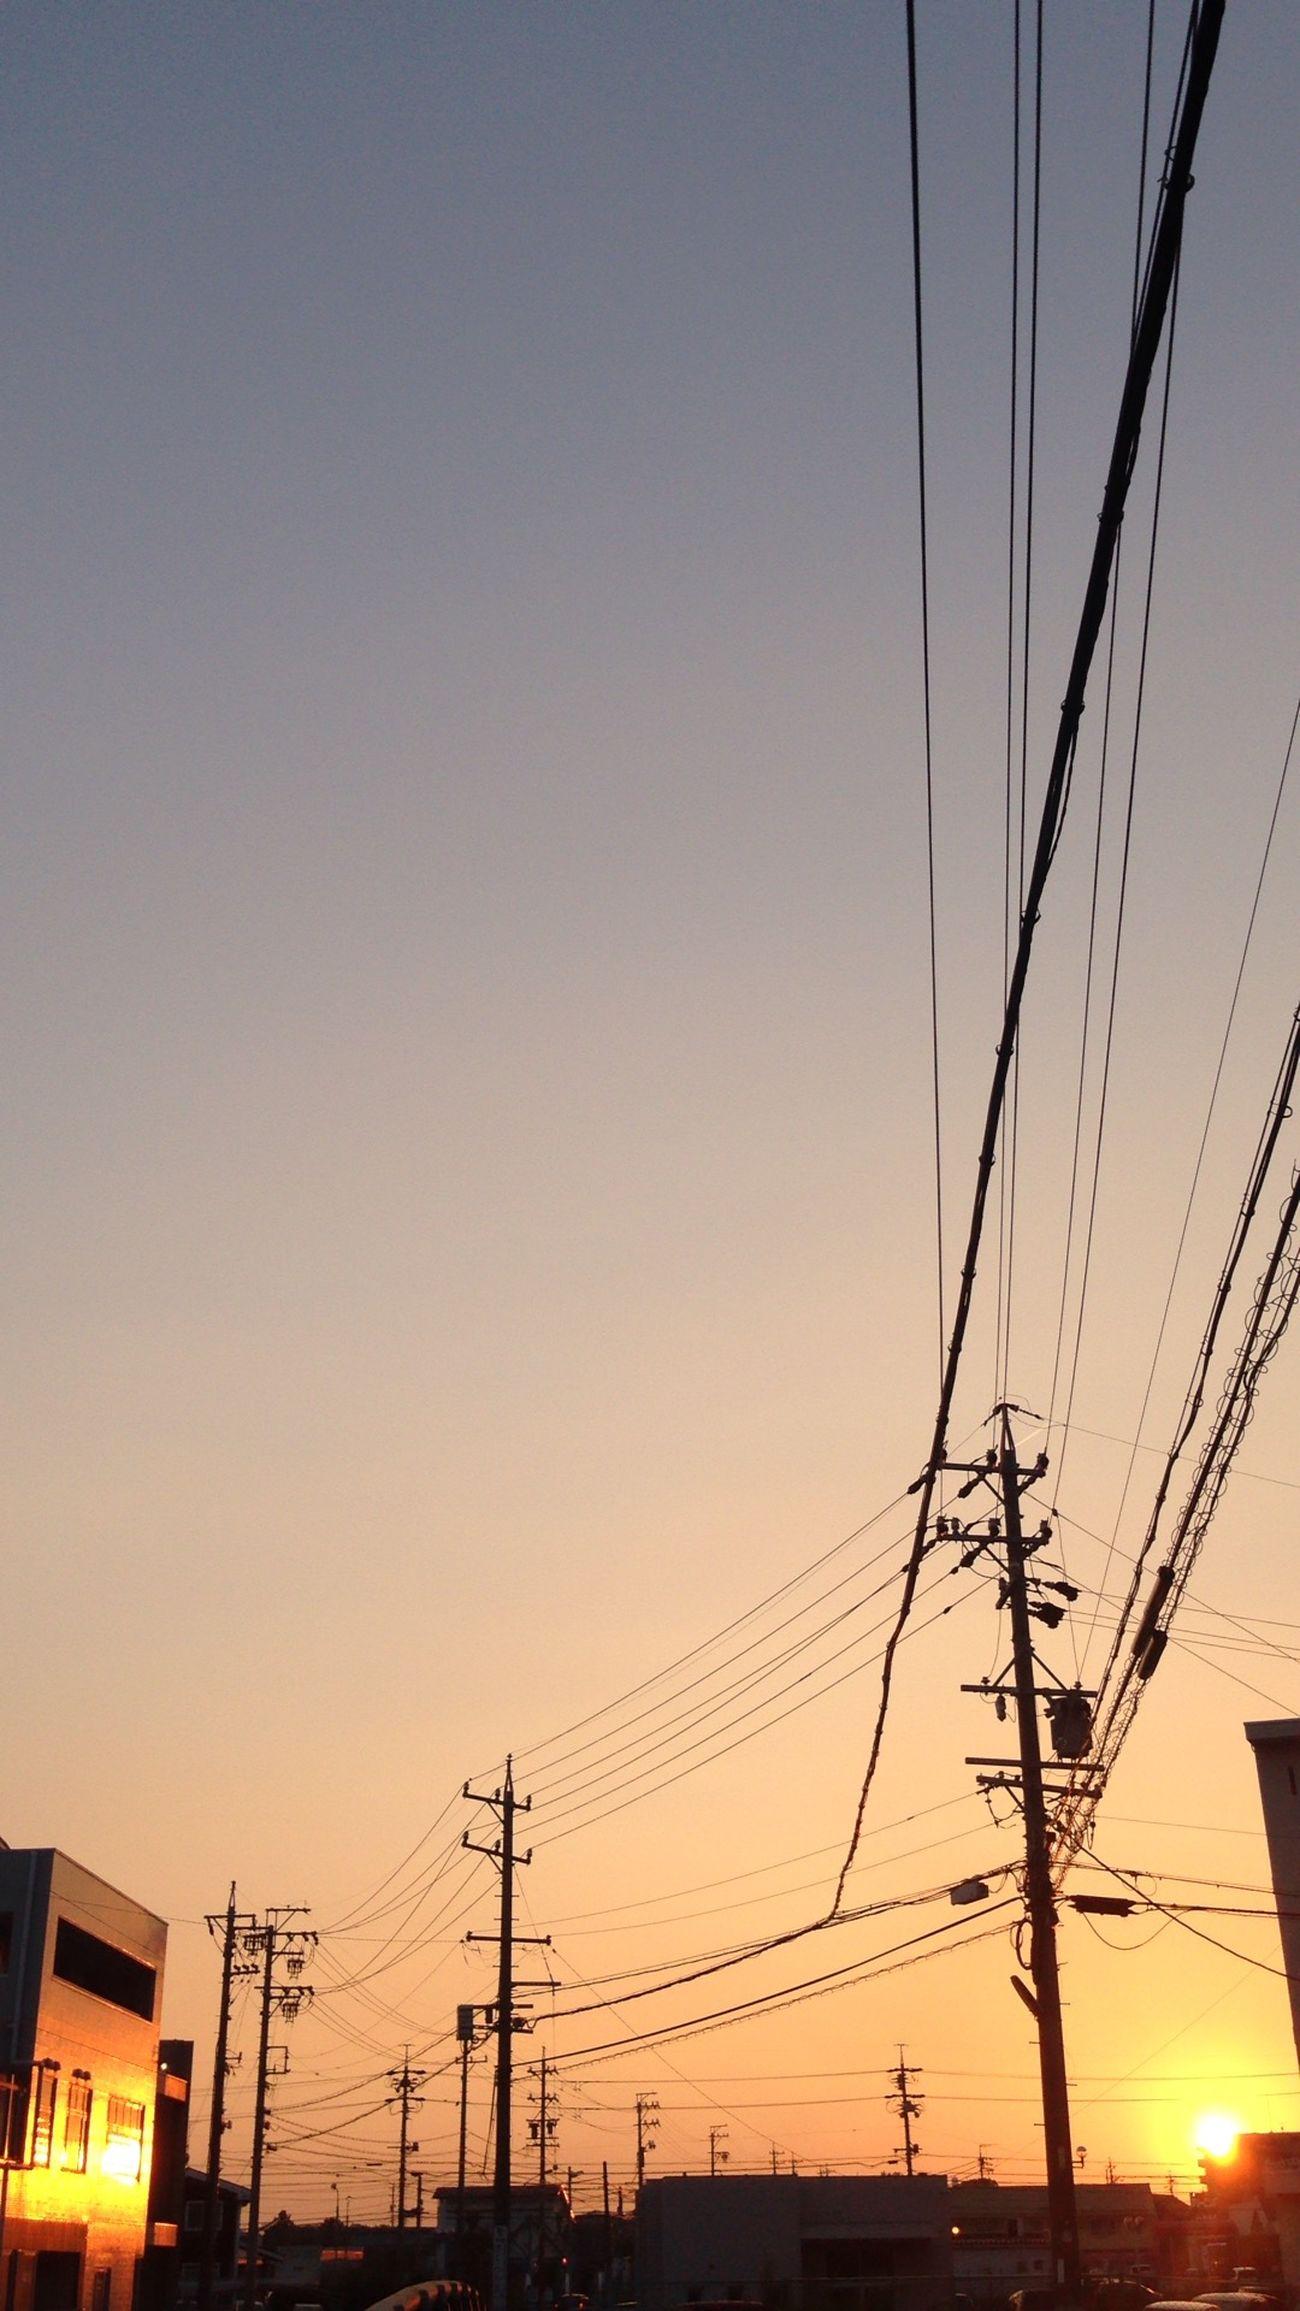 反射する夕陽 夕陽 Sunset 電線 Electric Wire 電柱 Utility Pole 反射 Reflection